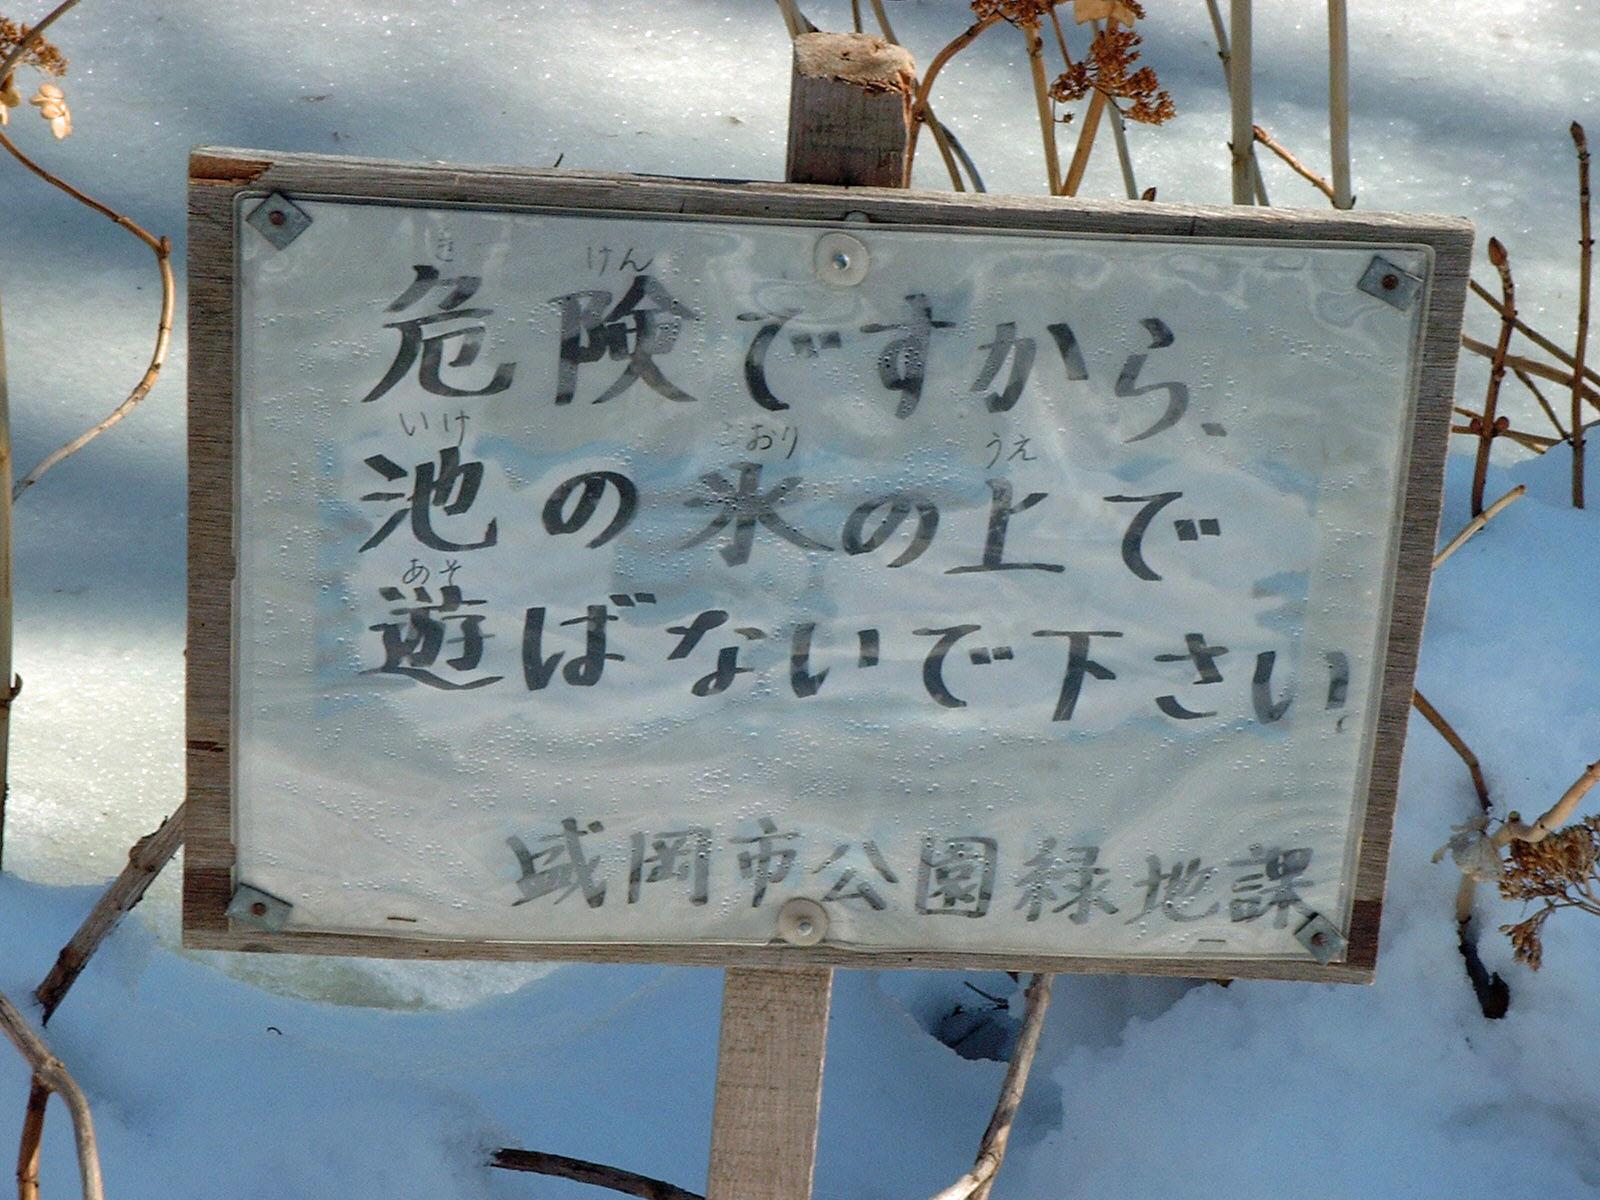 危険ですから、池の氷の上で遊ばないでください